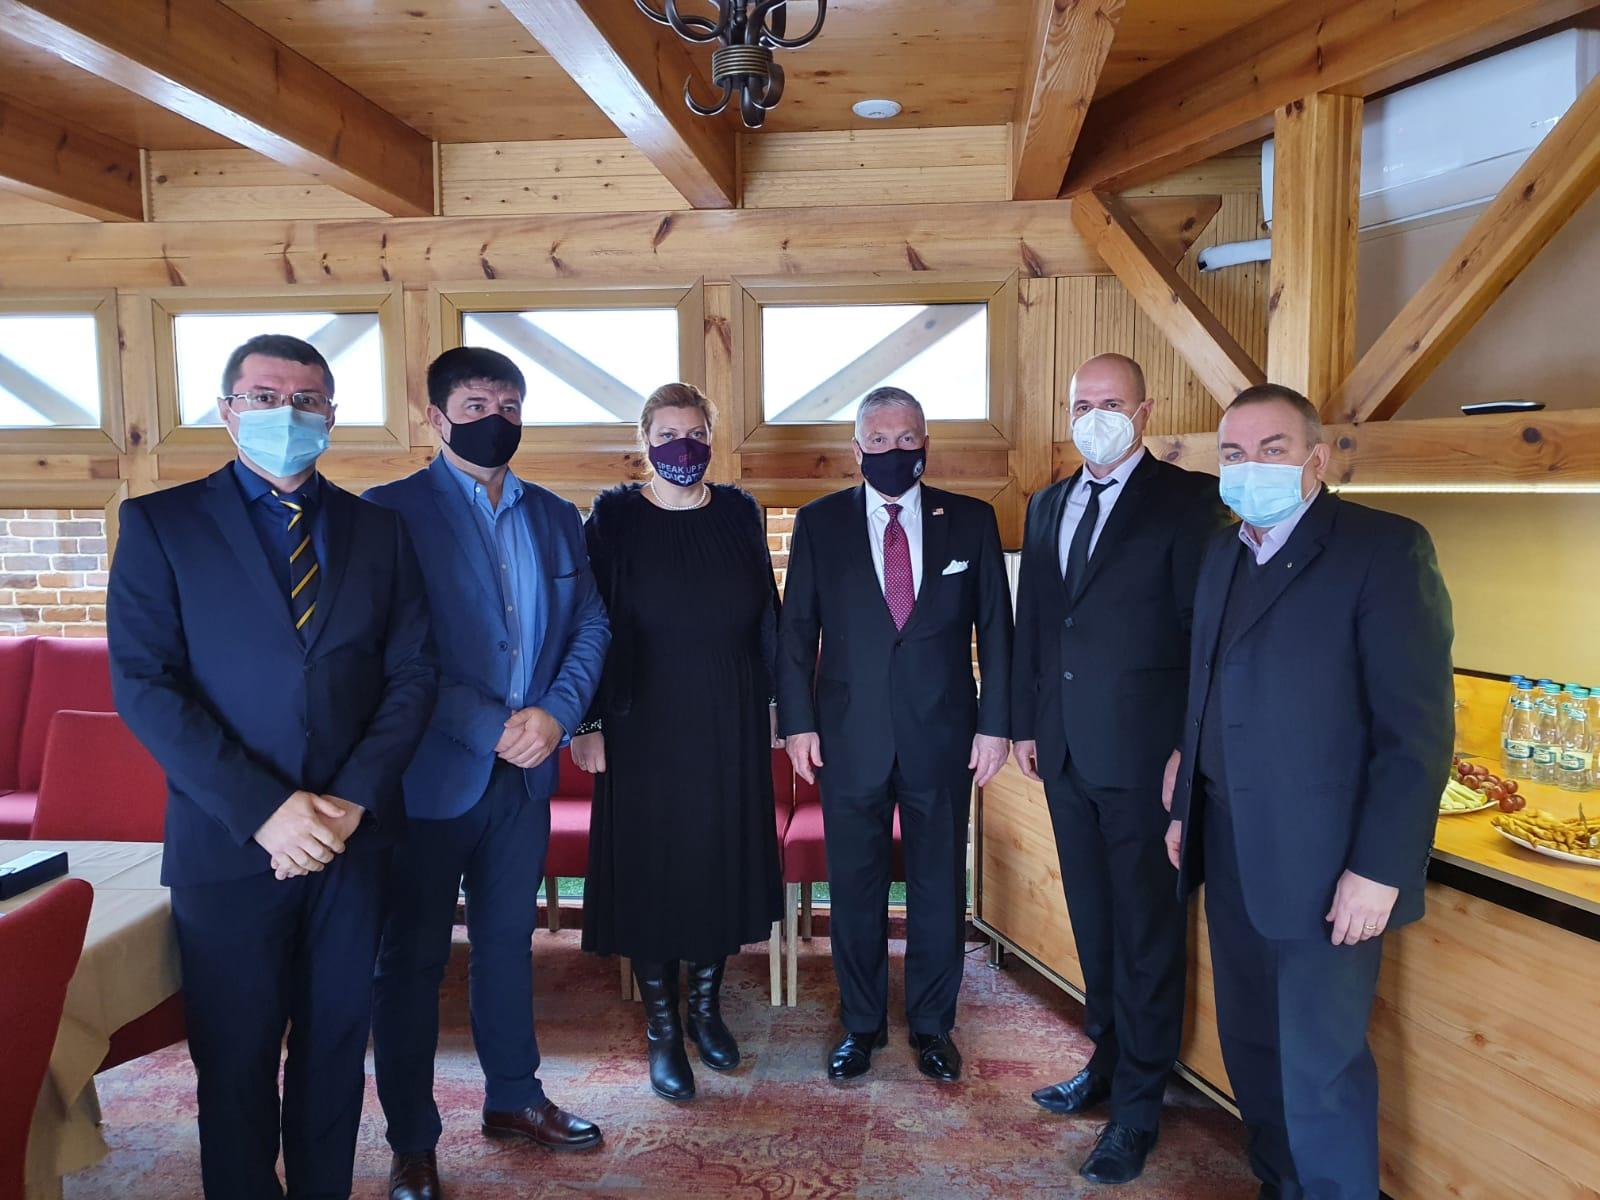 """Discuții privind deschiderea Camerei de Comerț Româno-Americane în Sibiu. """"Antreprenorul român alege și începe să gândească la nivel mondial"""""""